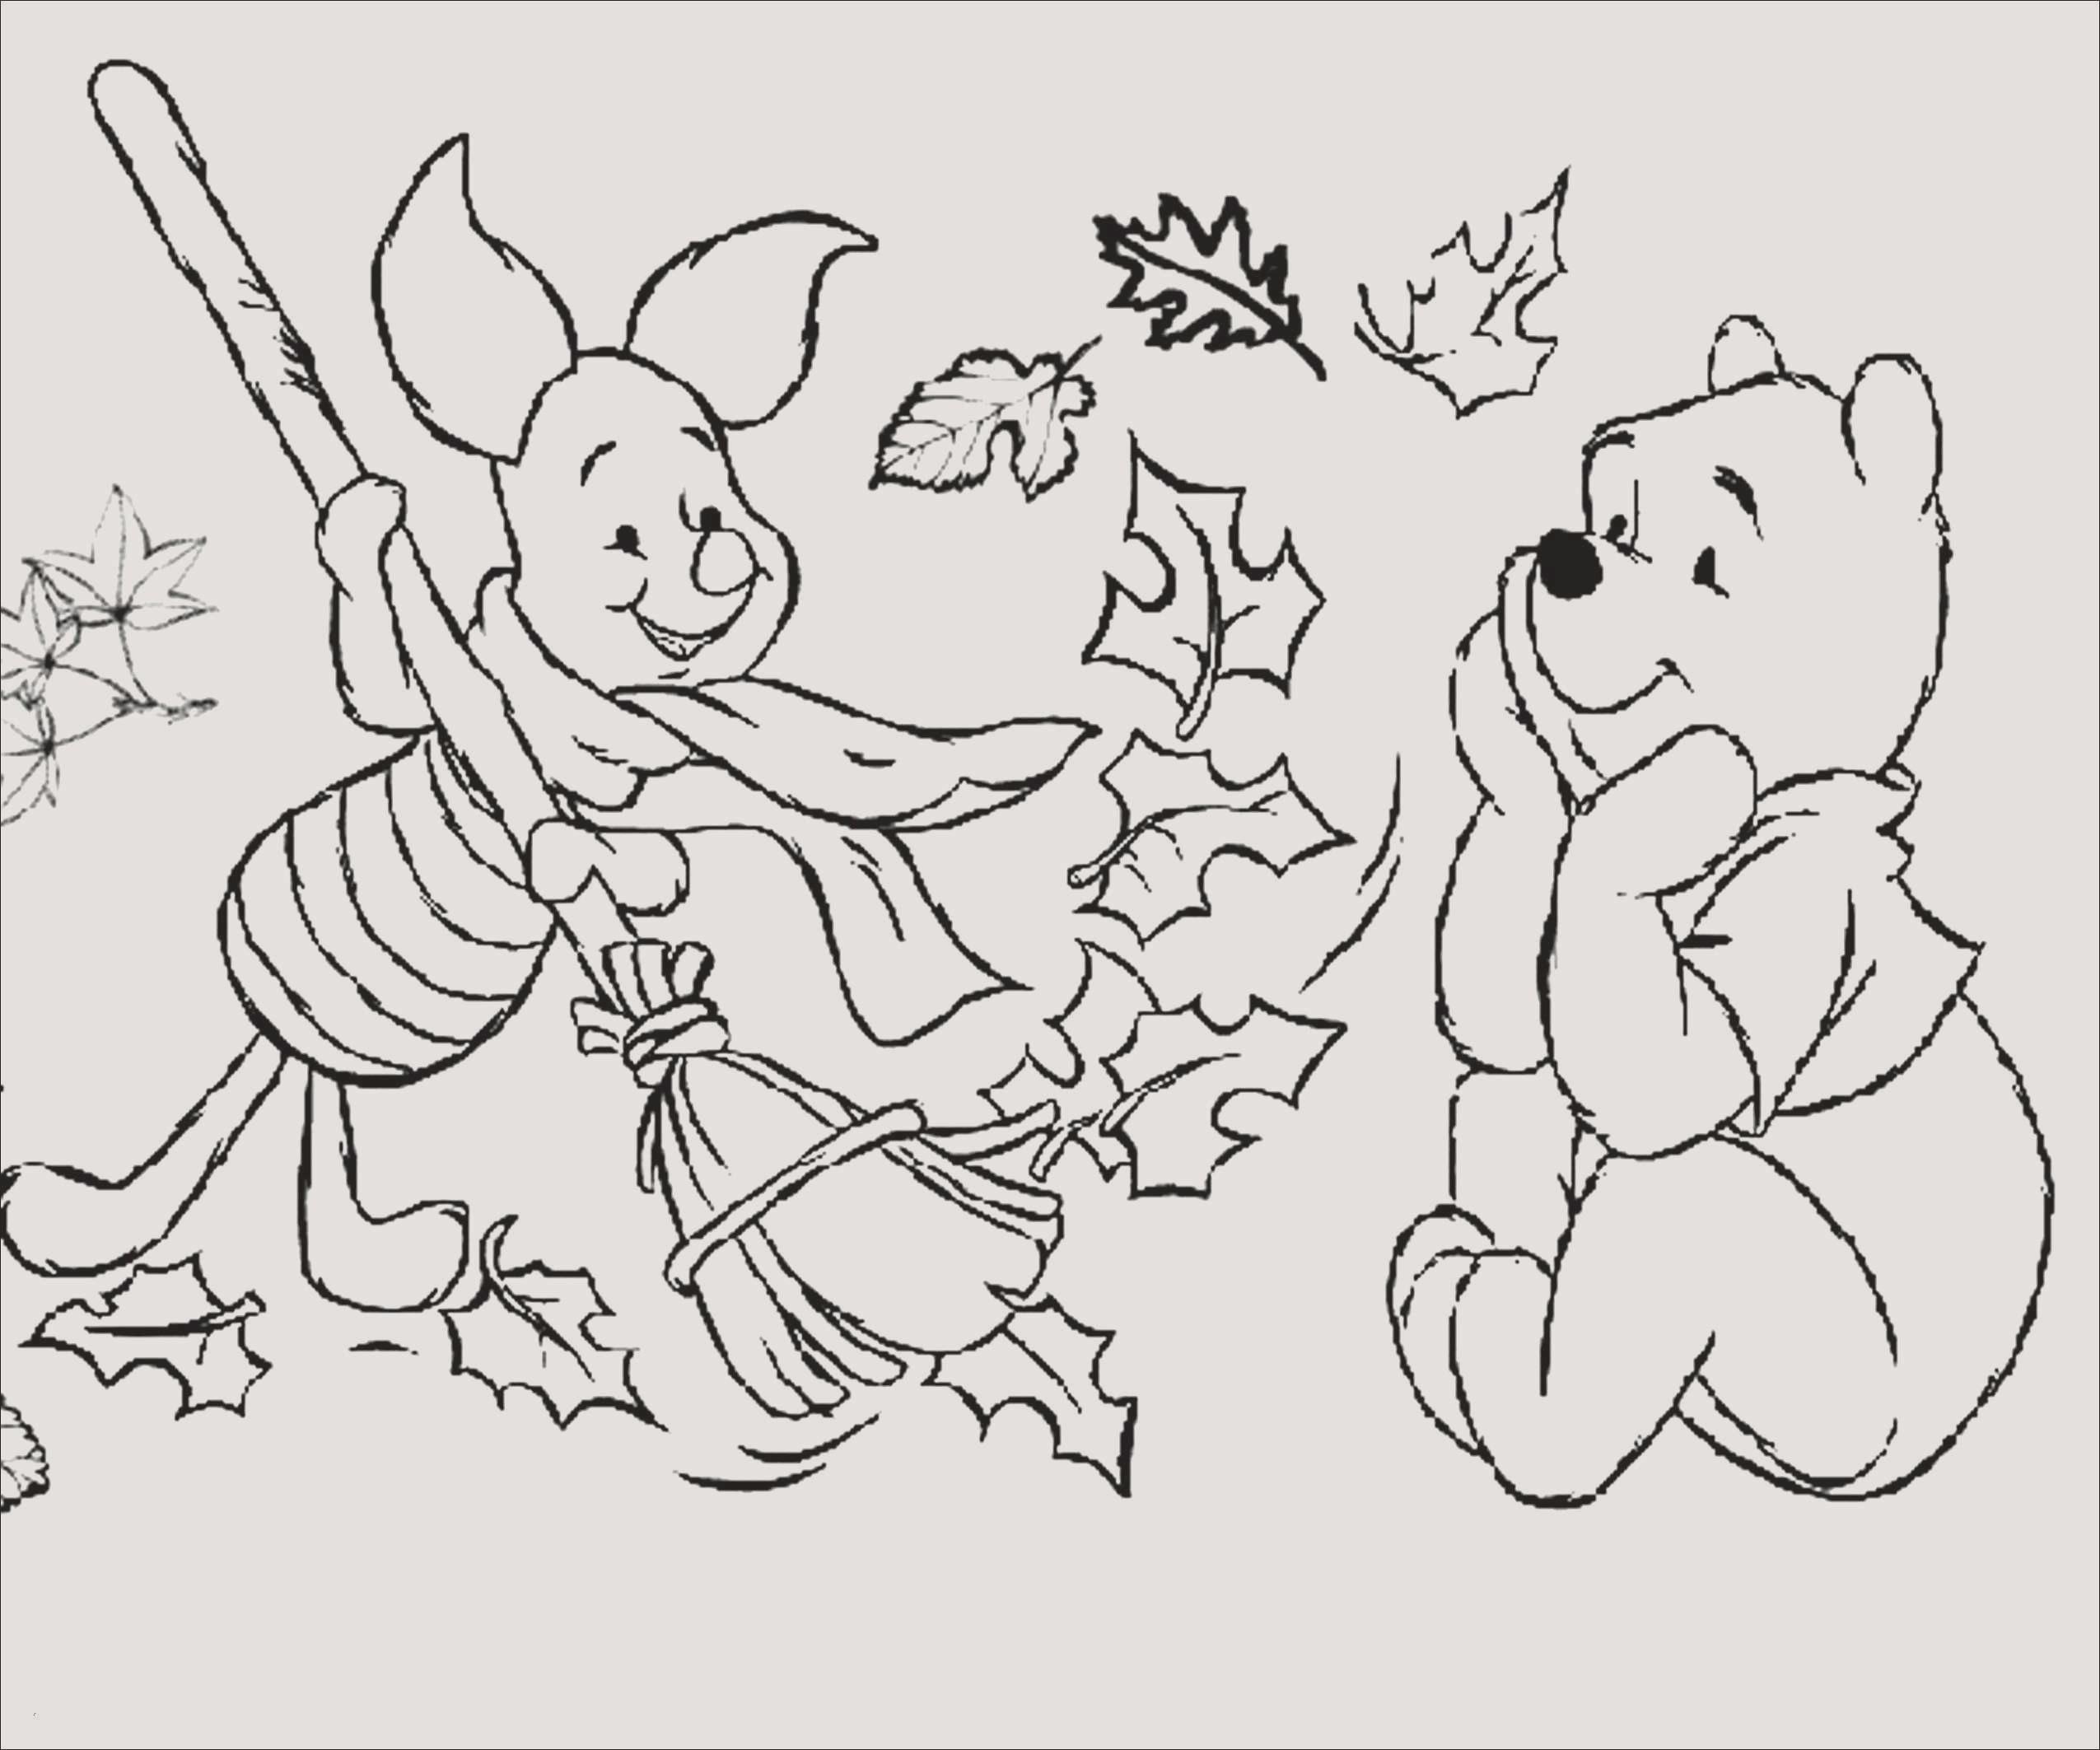 Ausmalbilder Weihnachten Micky Maus Einzigartig 70 Micky Maus Baby Ausmalbilder Sammlung